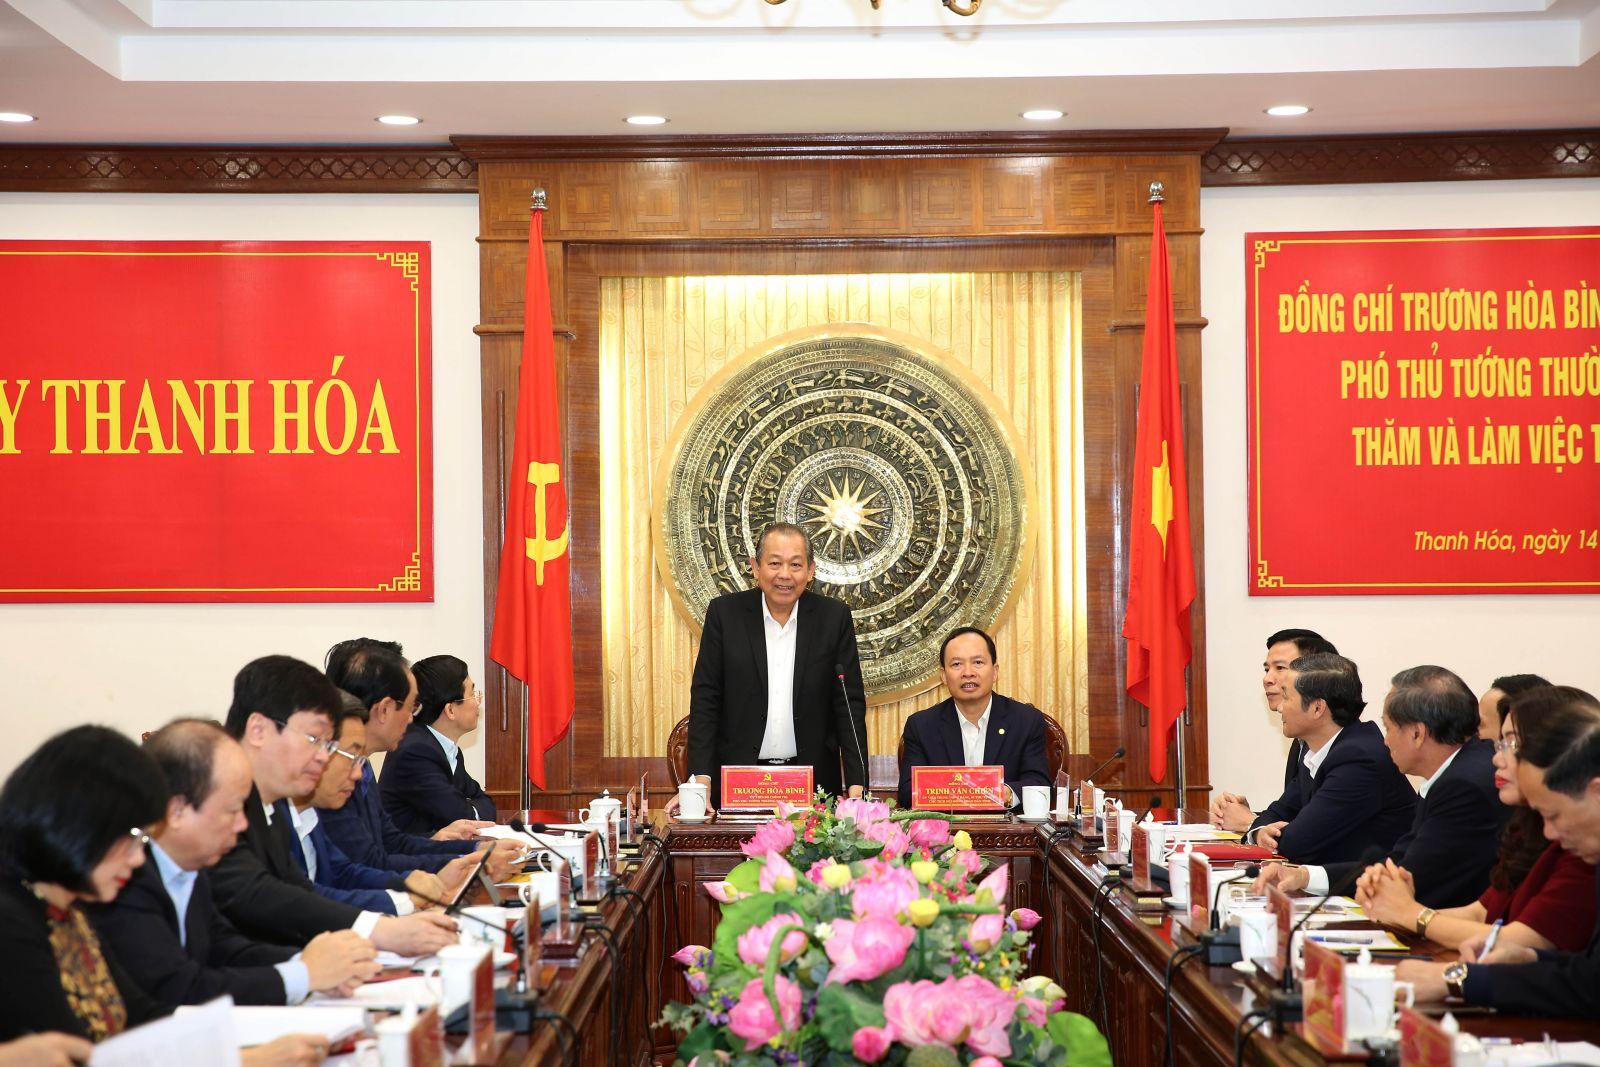 Phó Thủ tướng Trương Hòa Bình phát biểu tại buổi làm việc. Ảnh: VGP/Lê Sơn